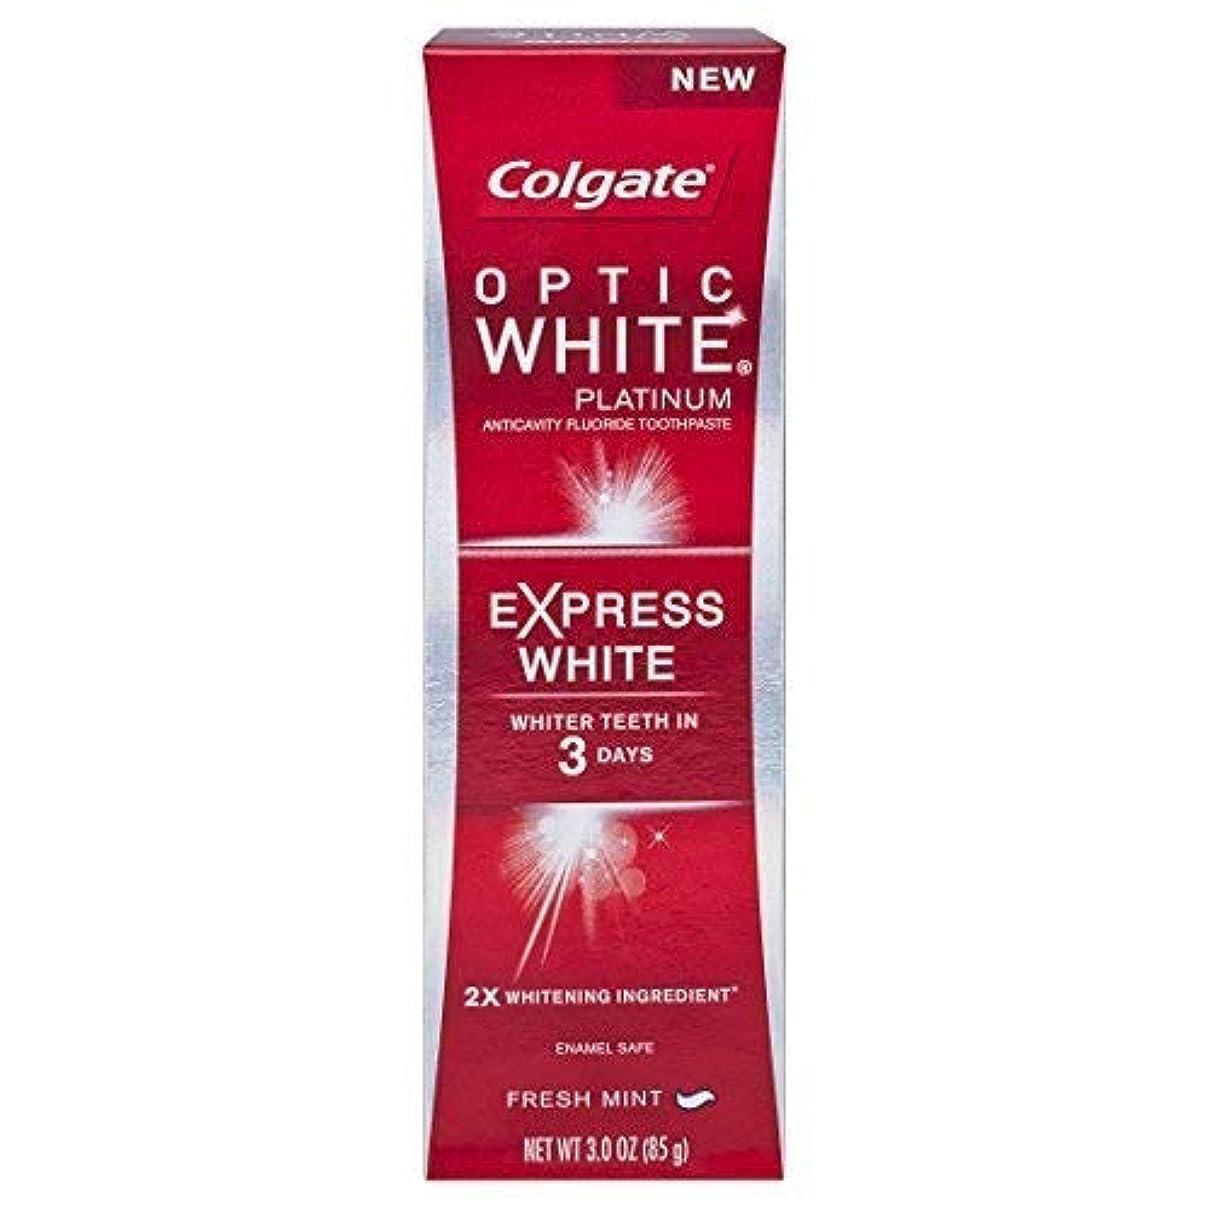 まさに著名な賛辞2 個セット コルゲート 歯みがき粉 オプティック ホワイト 3Days エクスプレス ホワイト